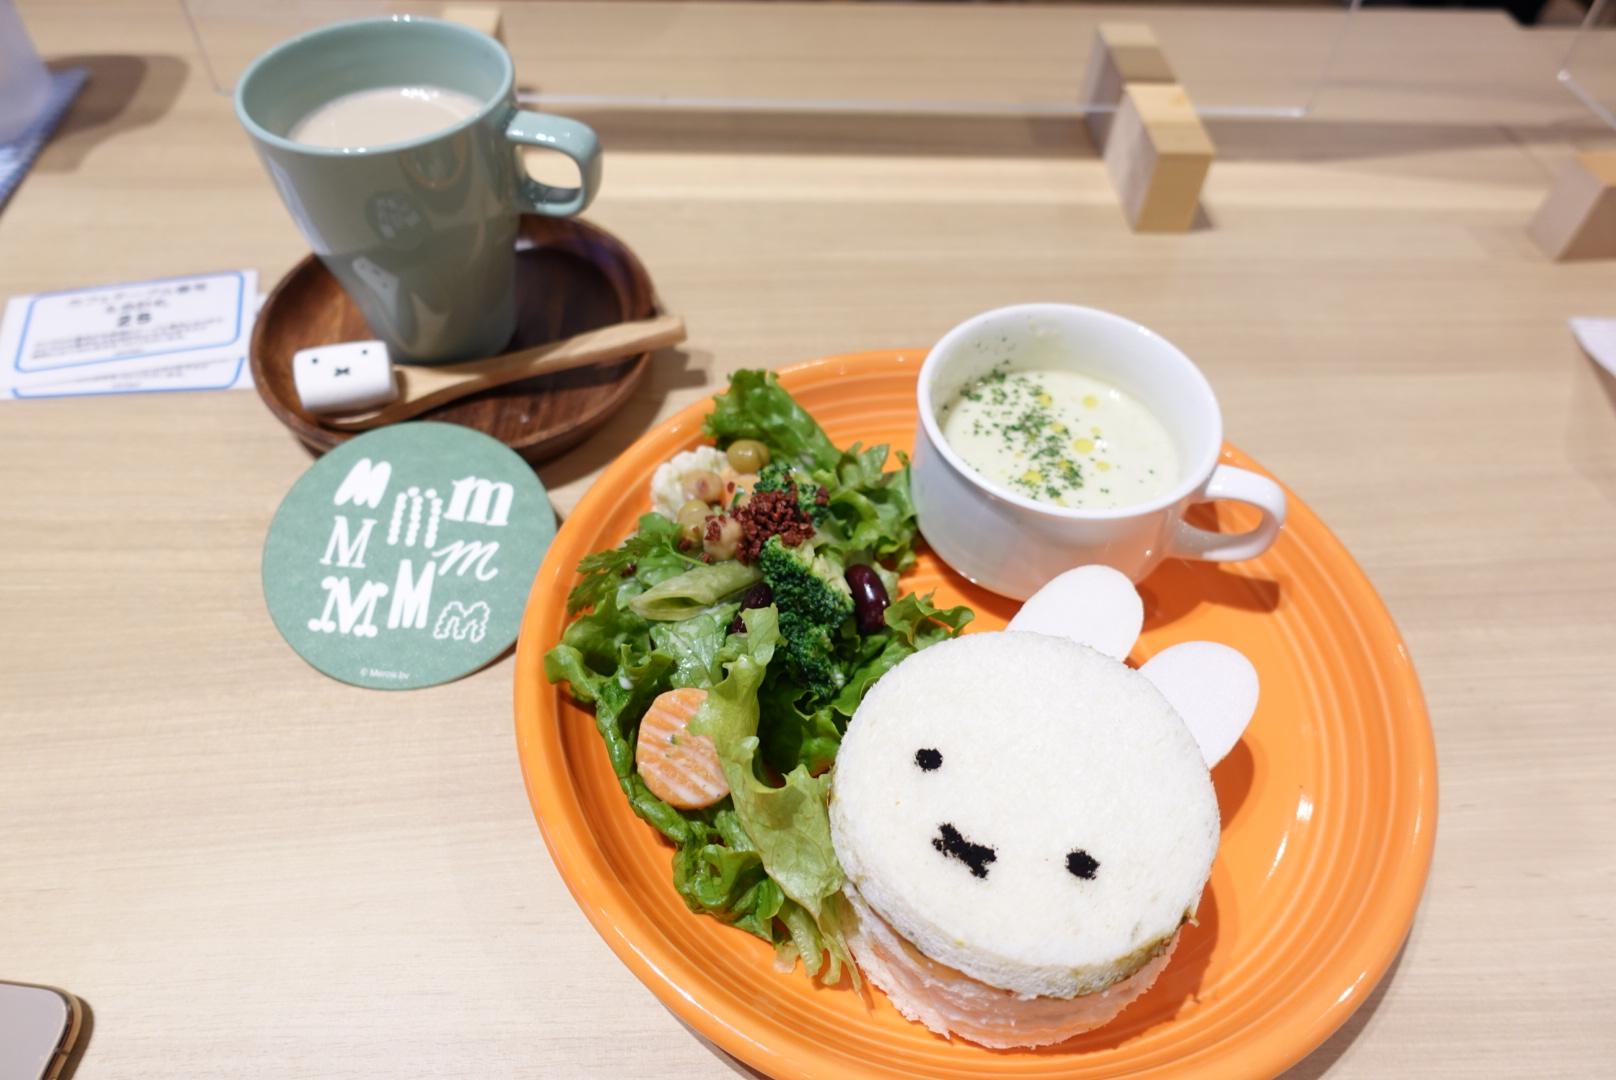 大阪上陸!『MIFFY cafe』ミッフィー65周年を記念してオープン!オランダ料理やグッズが盛りだくさん!かわいすぎるし期間限定なので早く予約してみてね_3